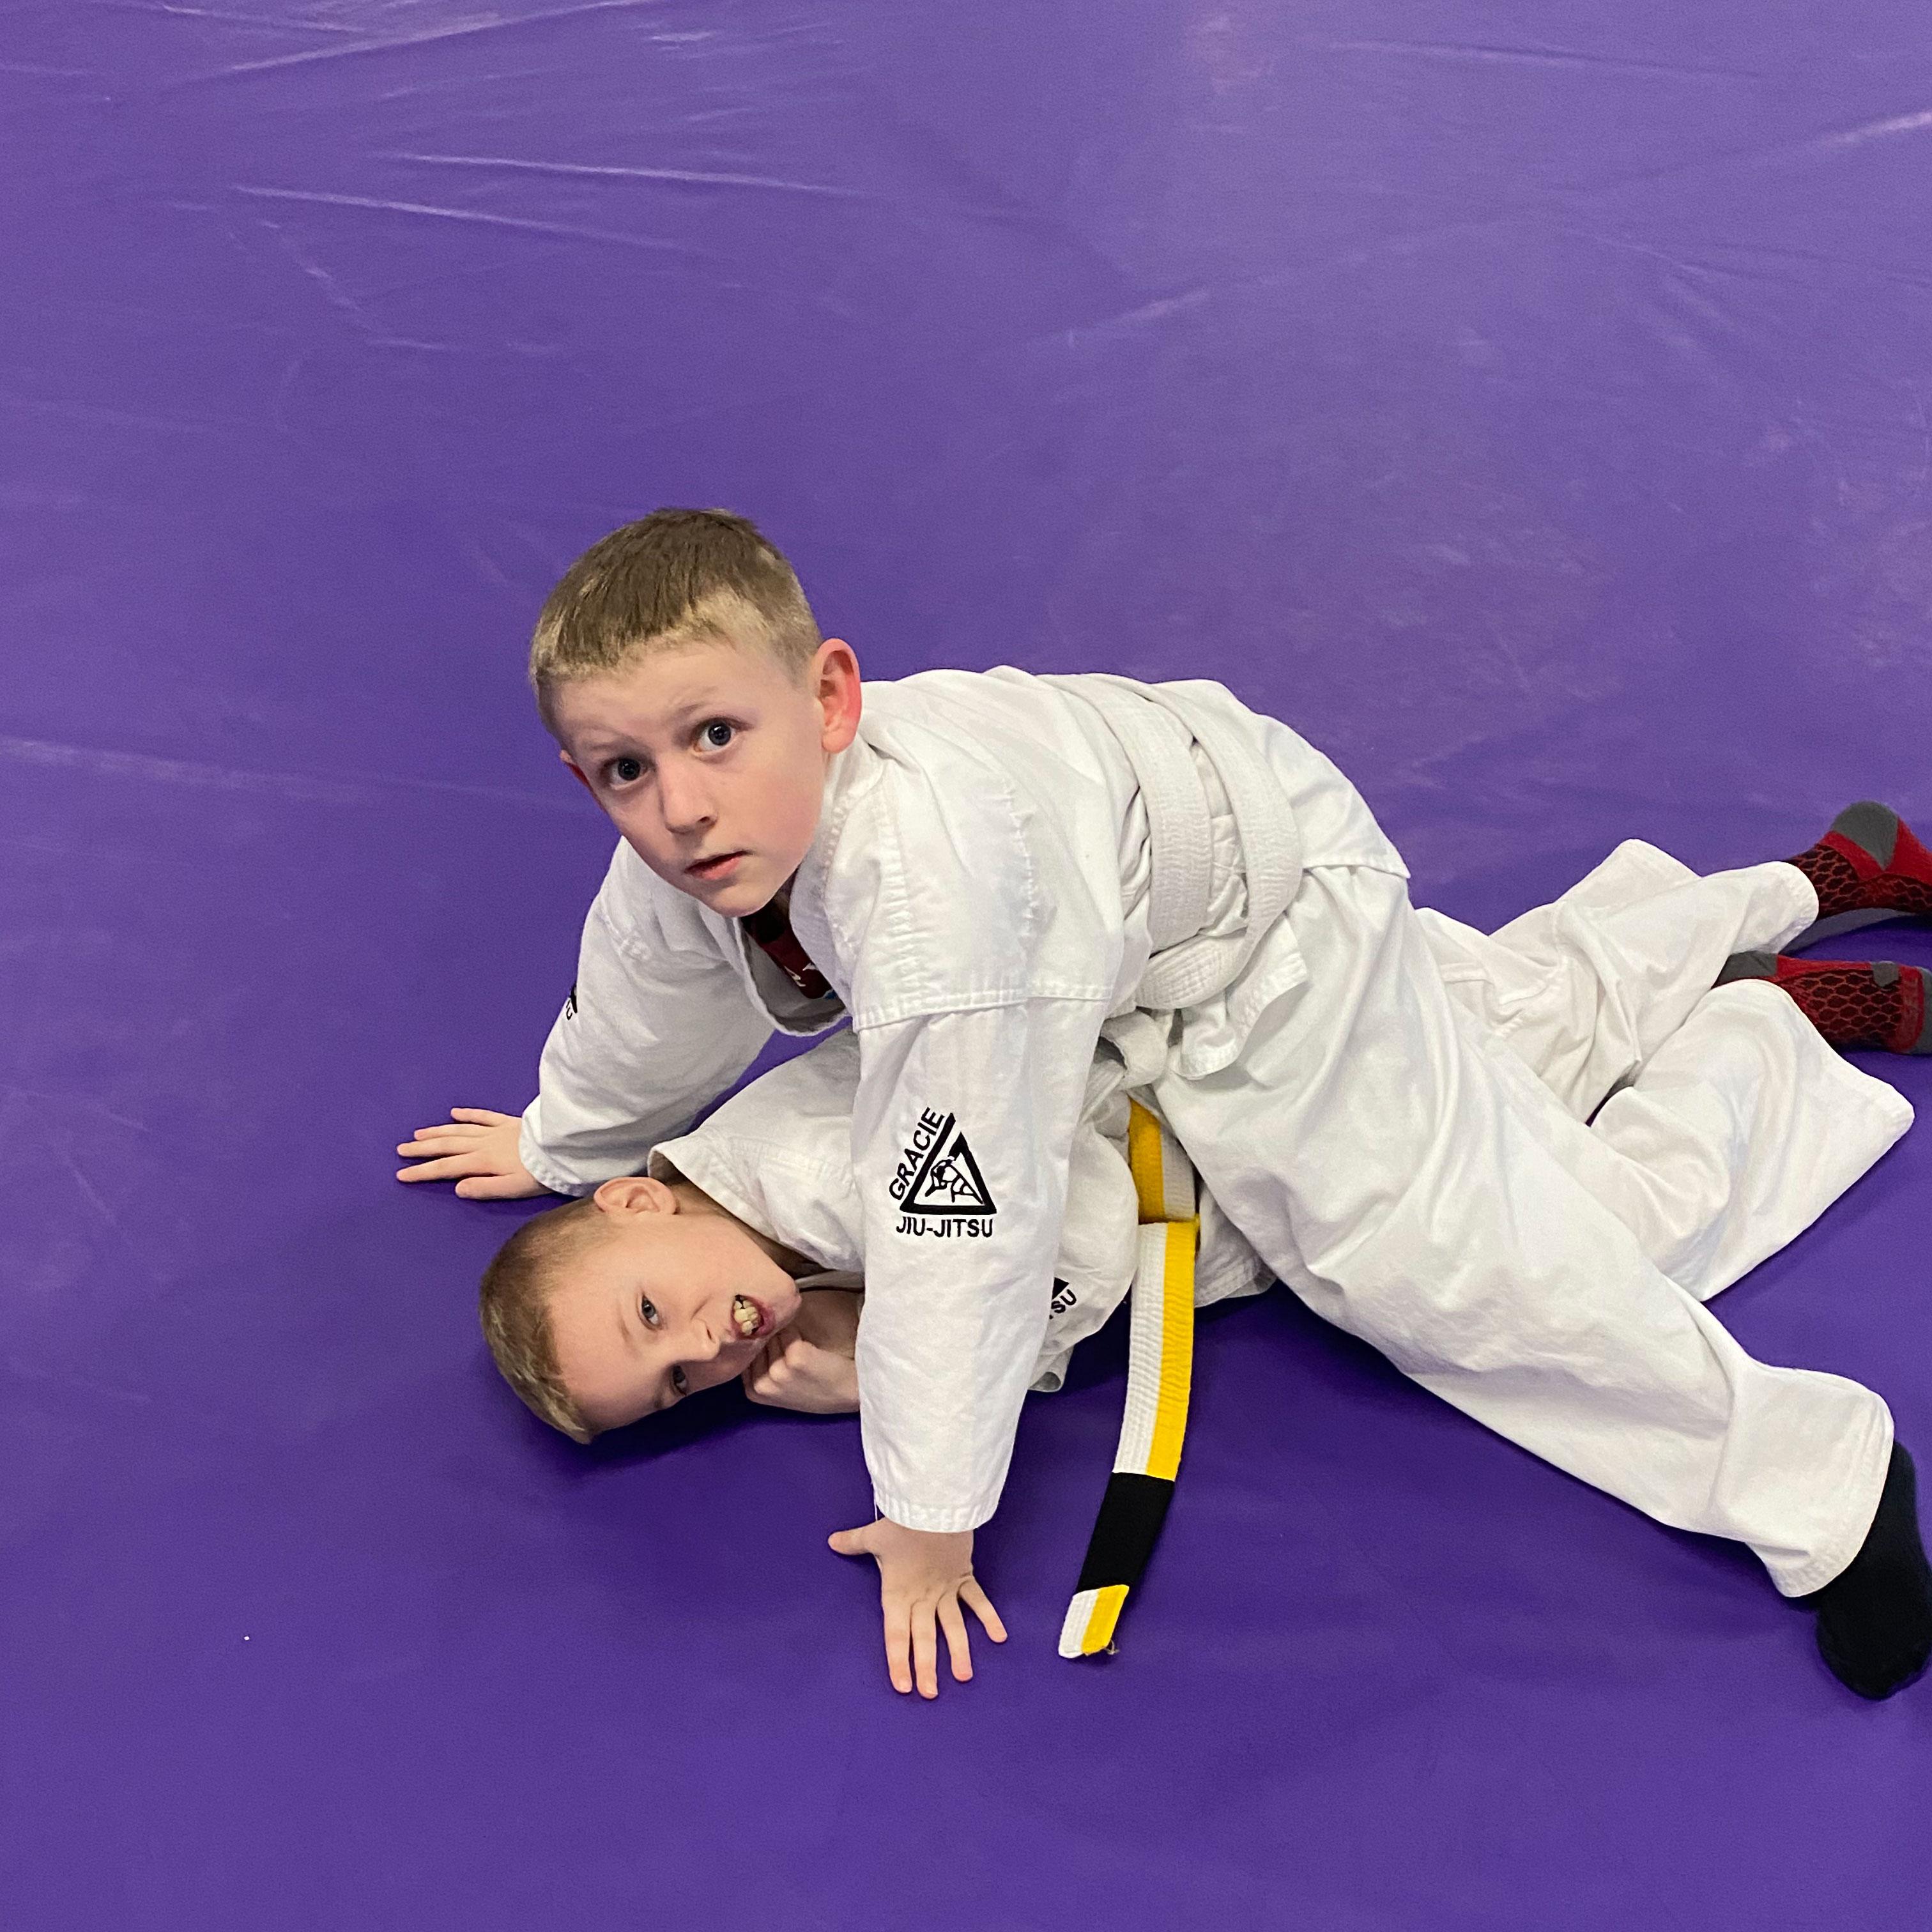 Two children practicing juijitsu techniques